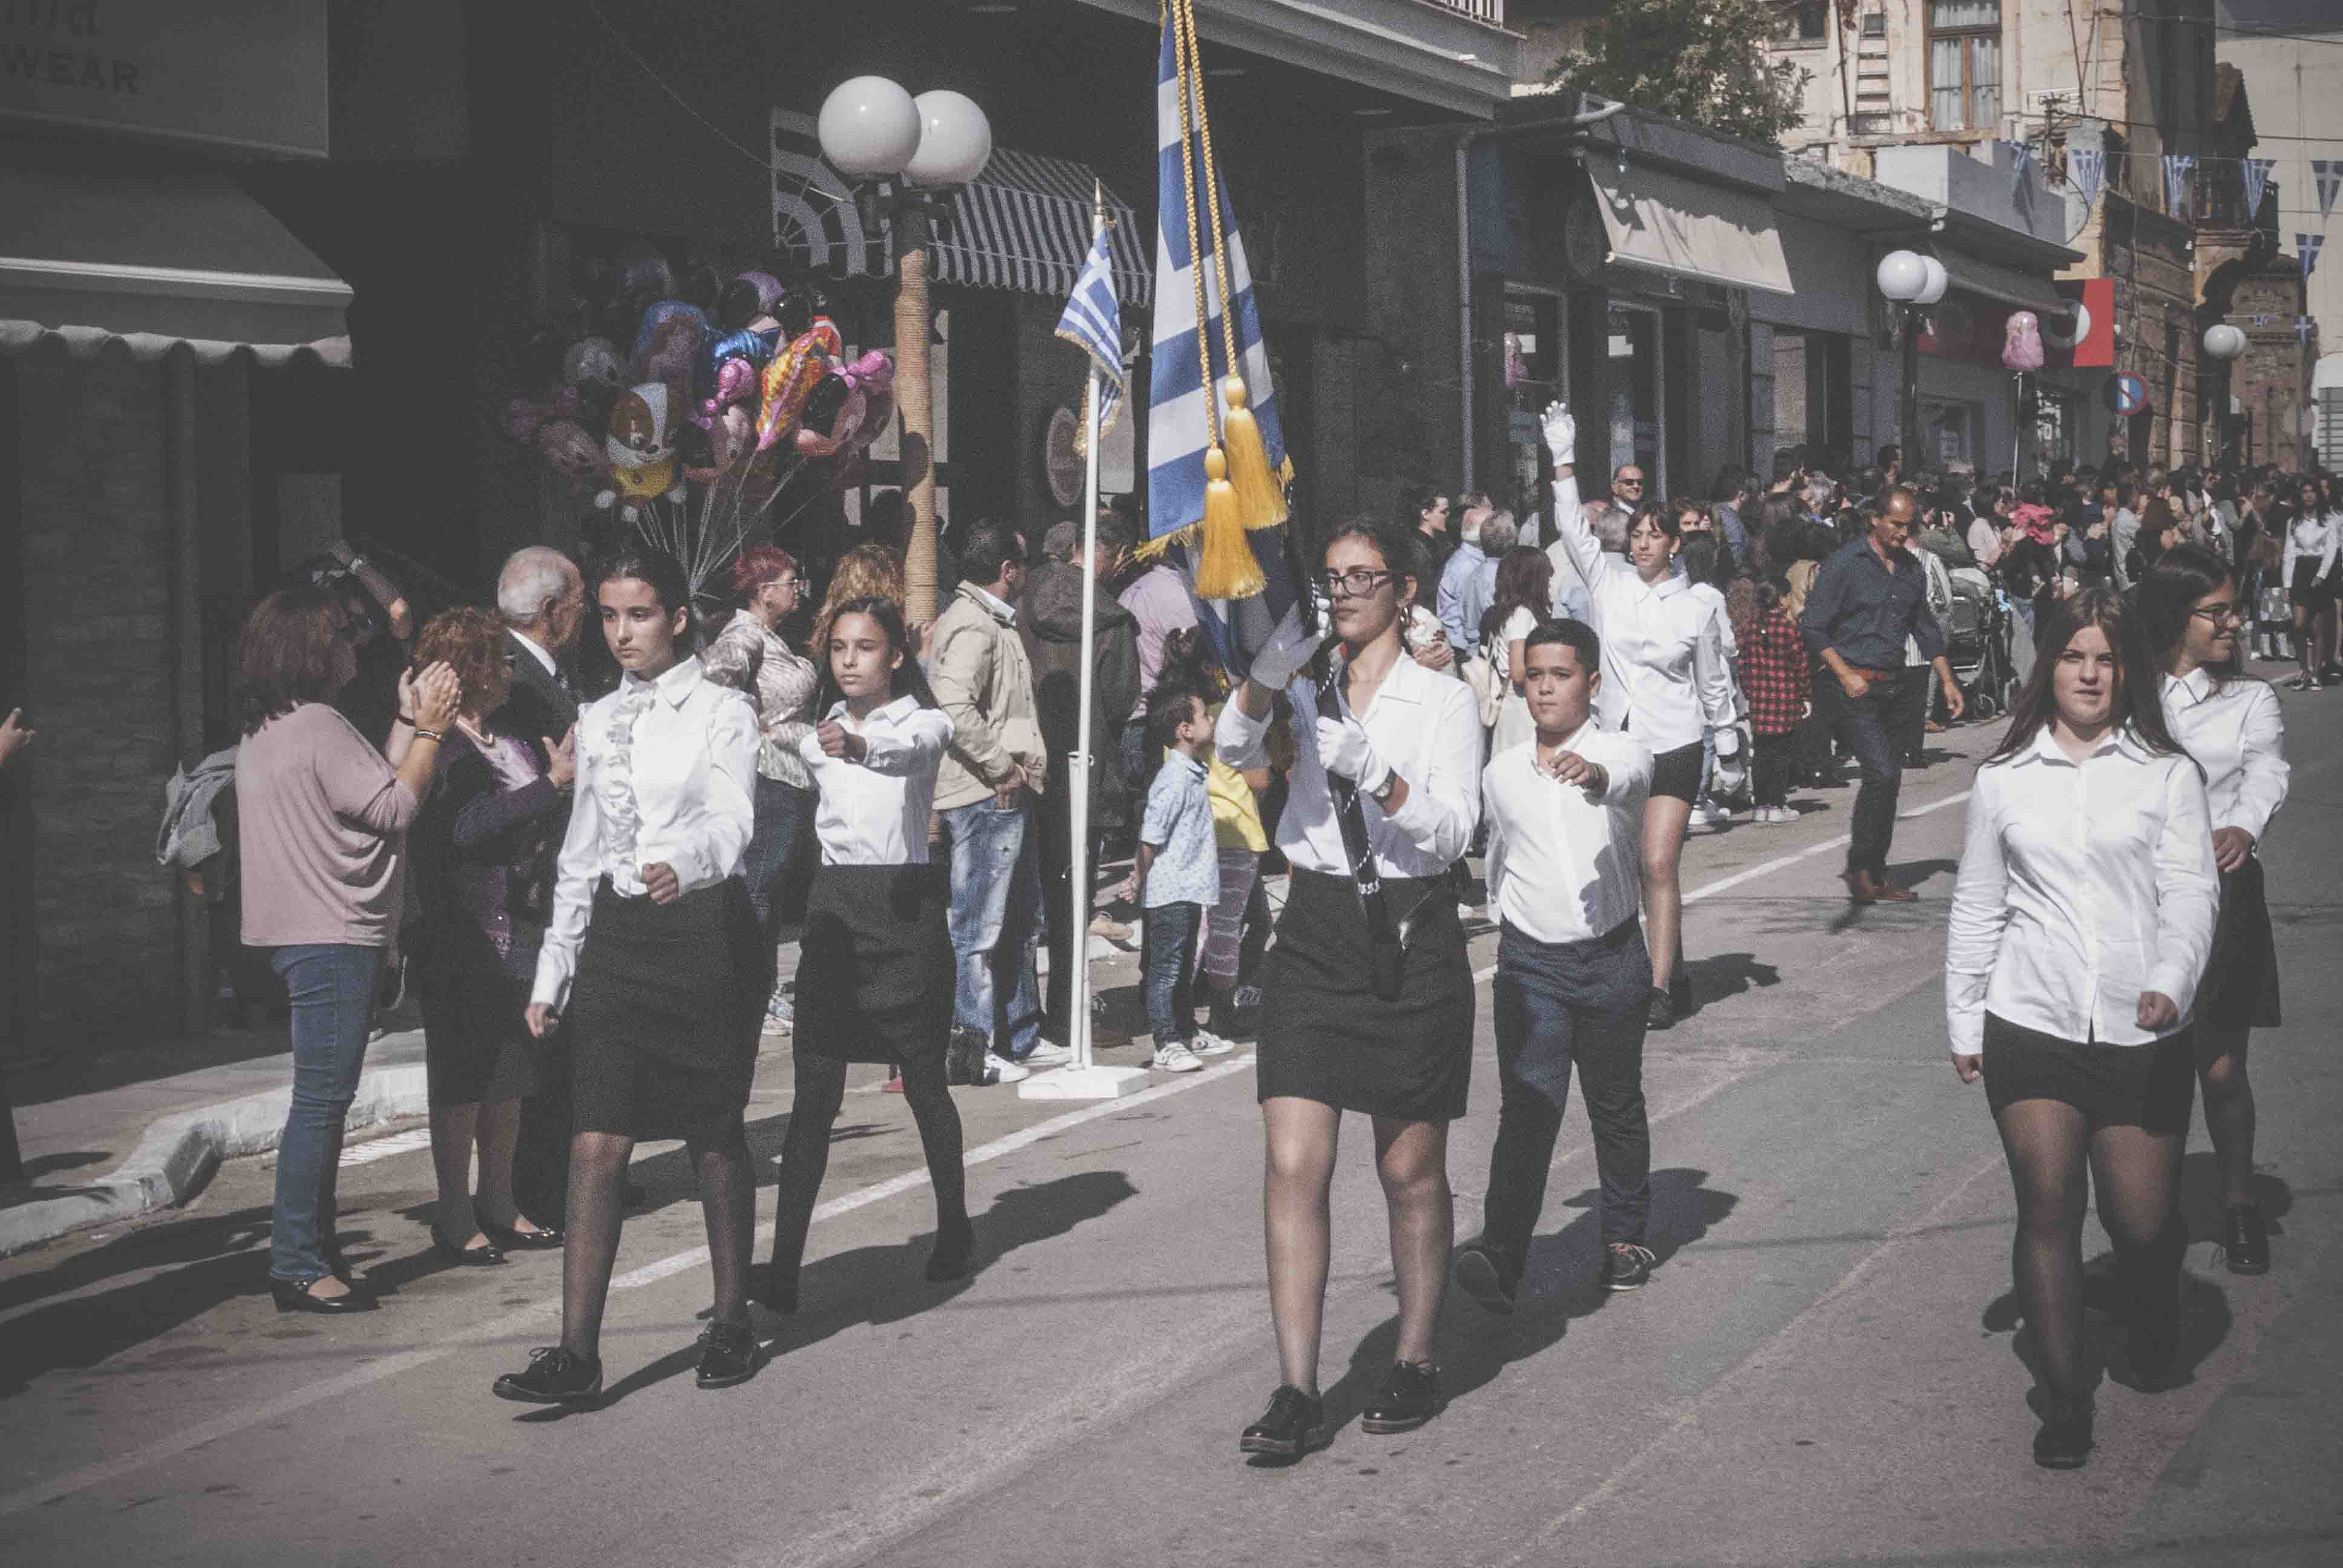 Φωτογραφικό υλικό από την παρέλαση στα Ψαχνά DSC 0388  Η παρέλαση της 28ης Οκτωβρίου σε Καστέλλα και Ψαχνά (φωτό) DSC 0388